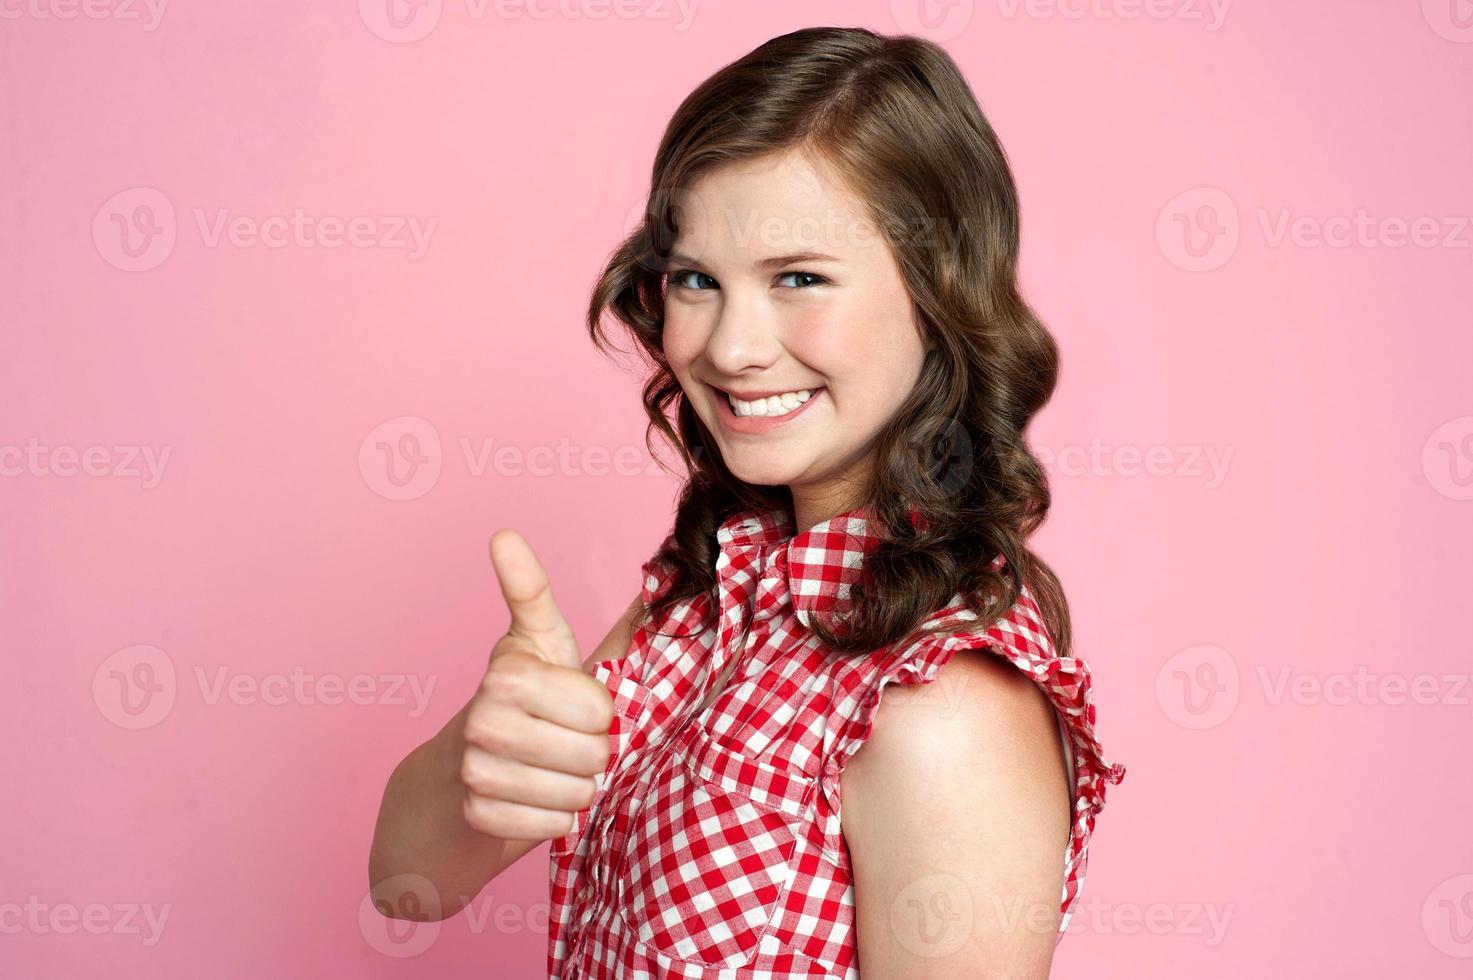 bella ragazza sorridente con gesto ok foto